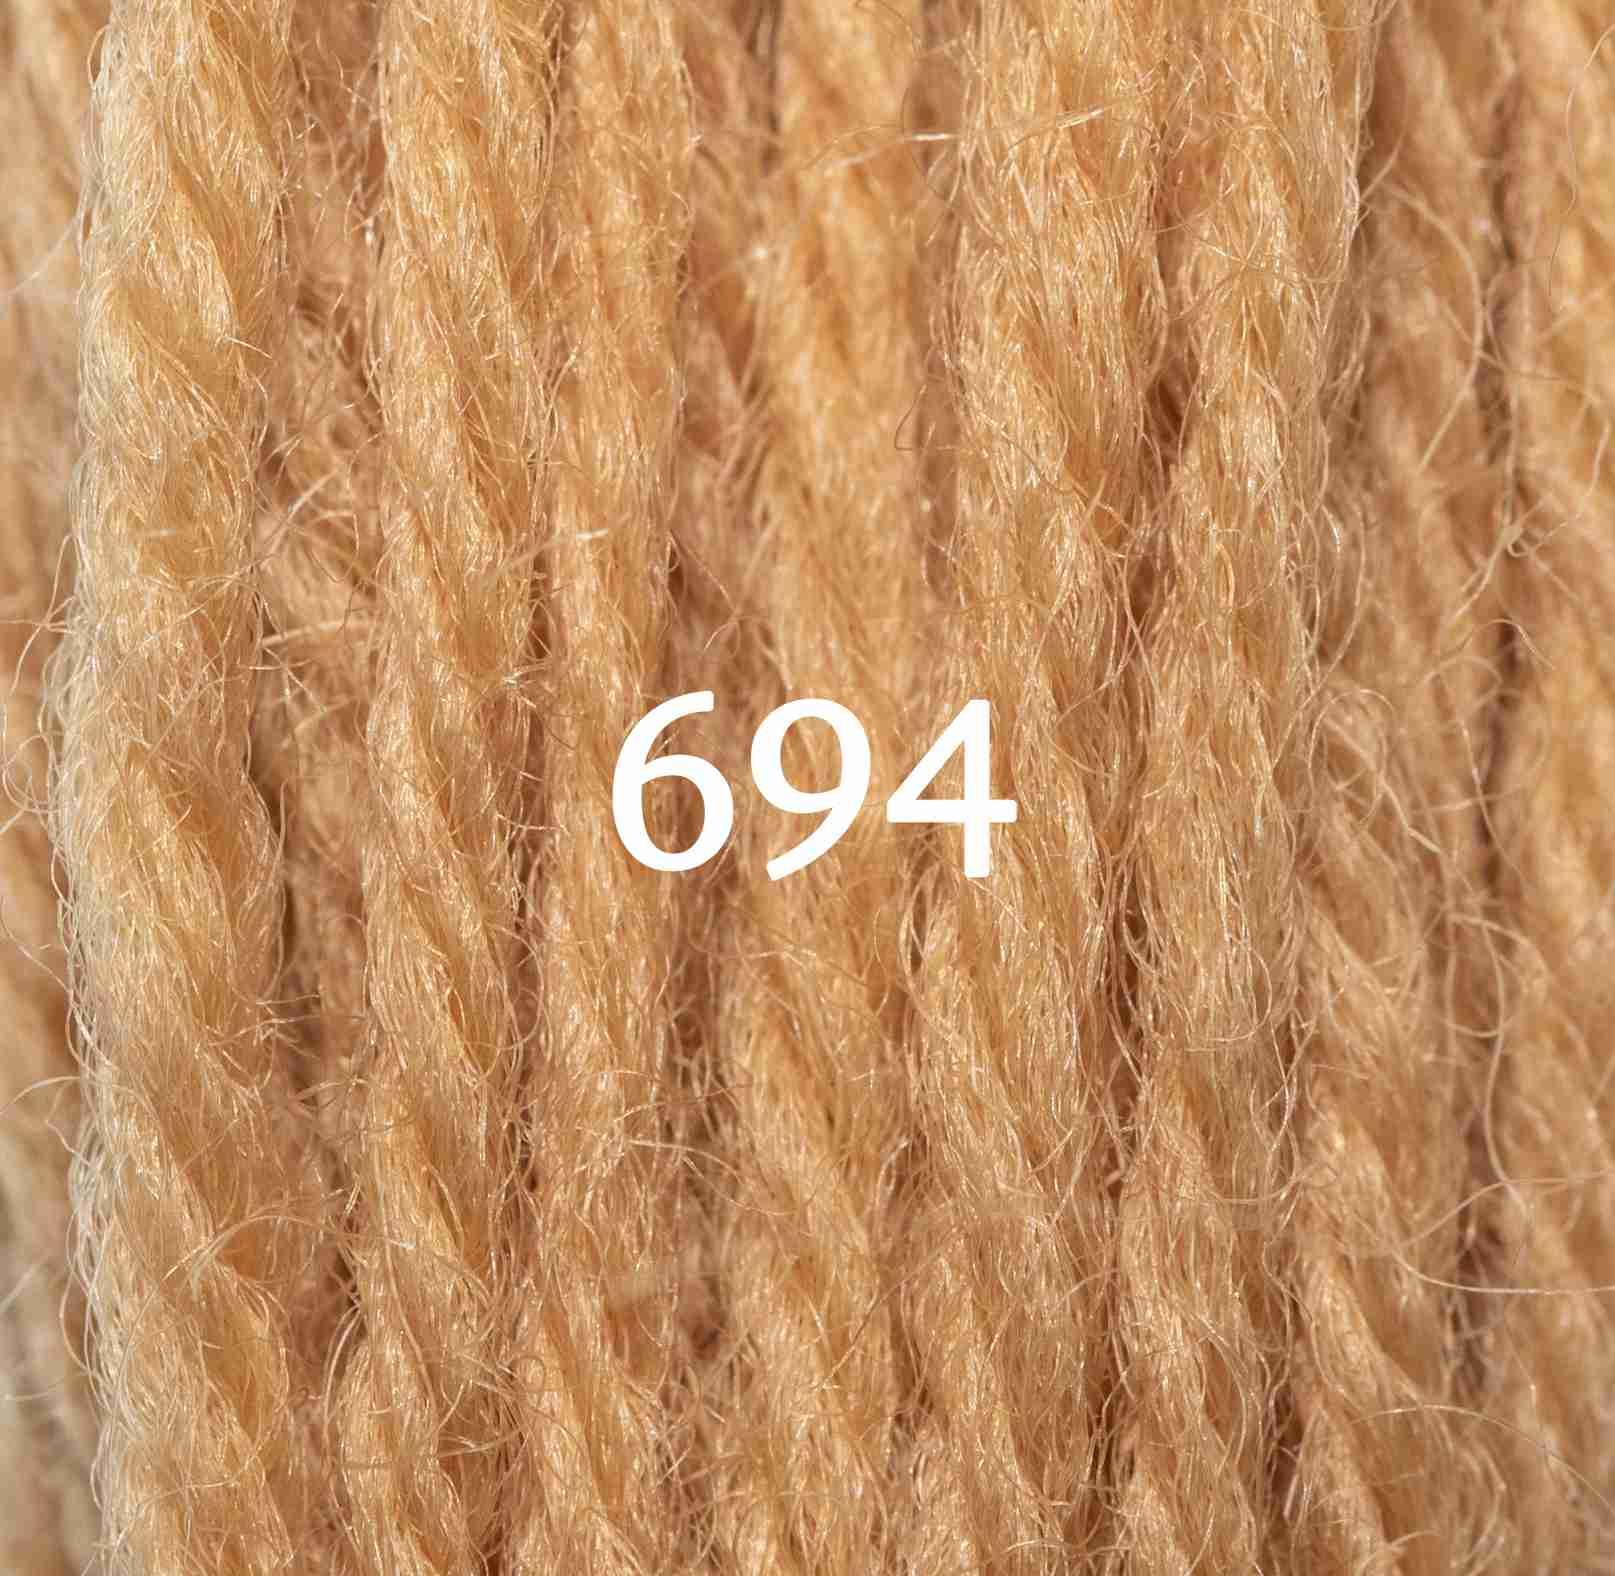 Honeysuckle-Yellow-694